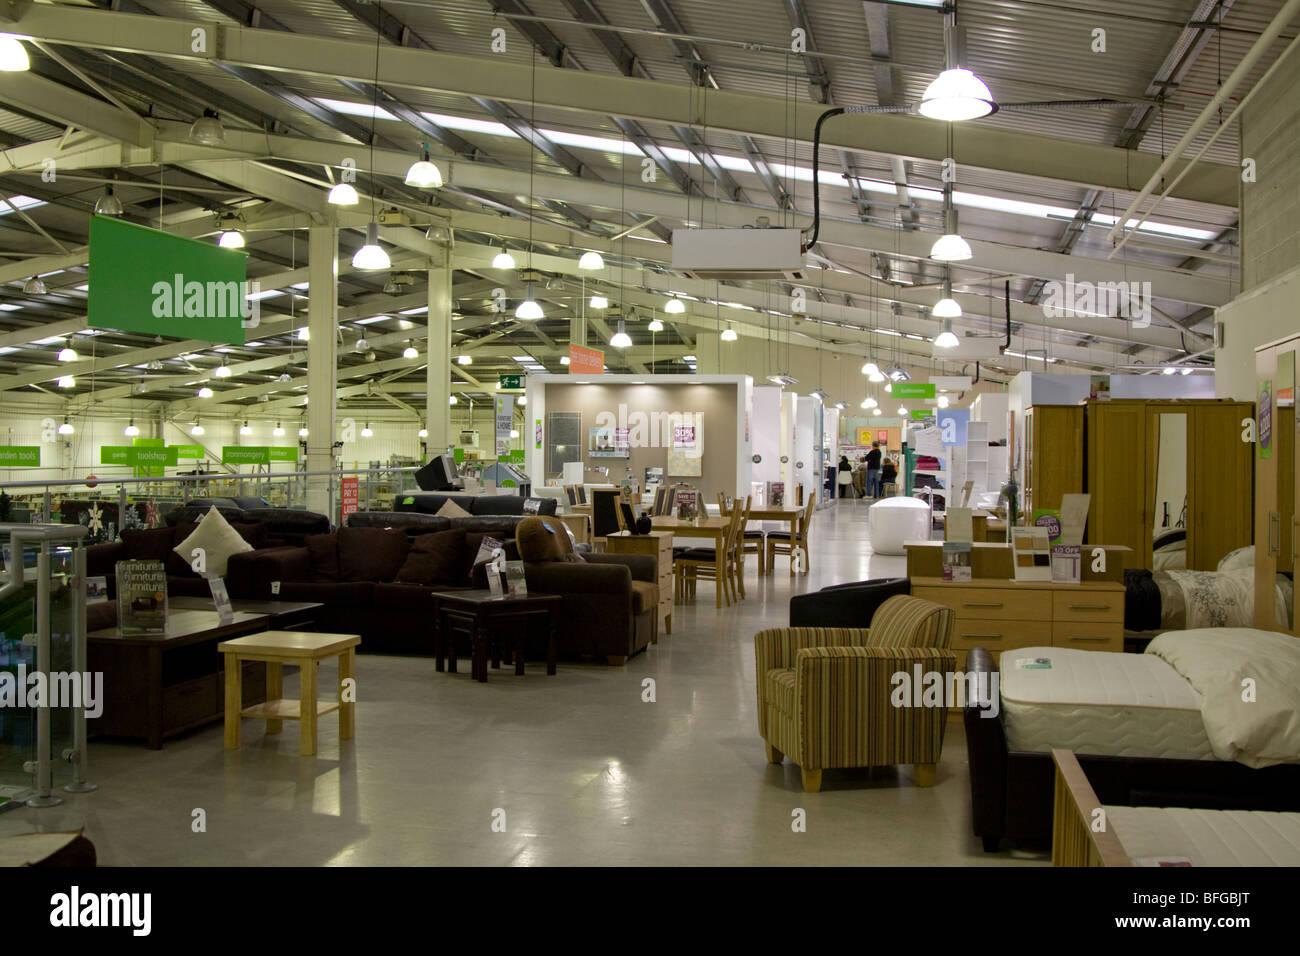 Homebase DIY Arredamento del negozio e del reparto Homewares Aylesbury Buckinghamshire Immagini Stock